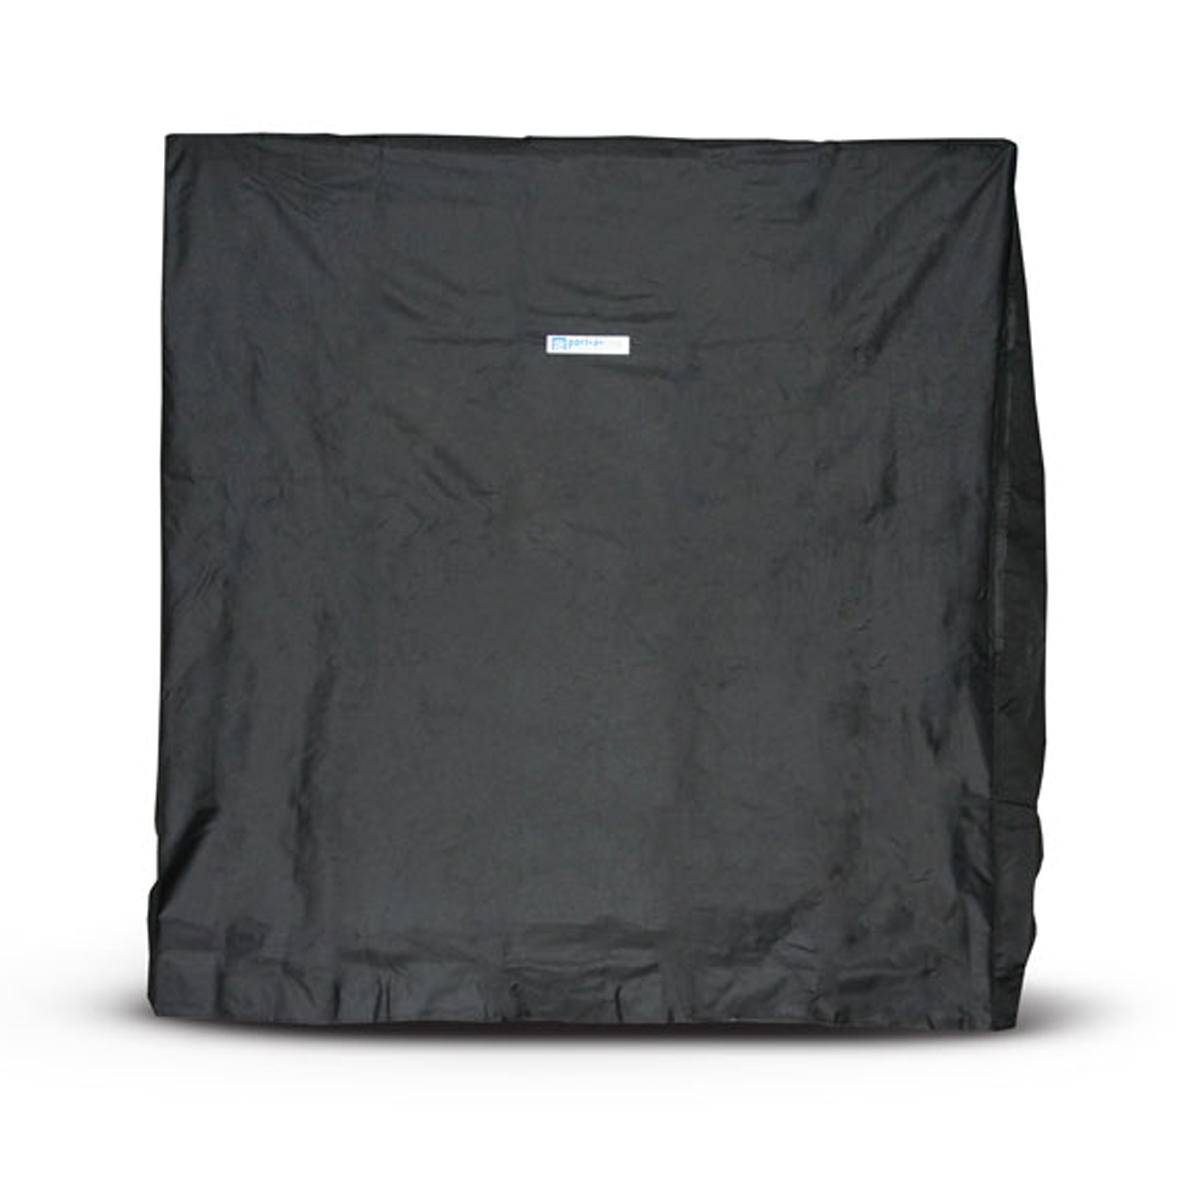 """Portacool ochranný obal pro Portacool Classic 36"""""""